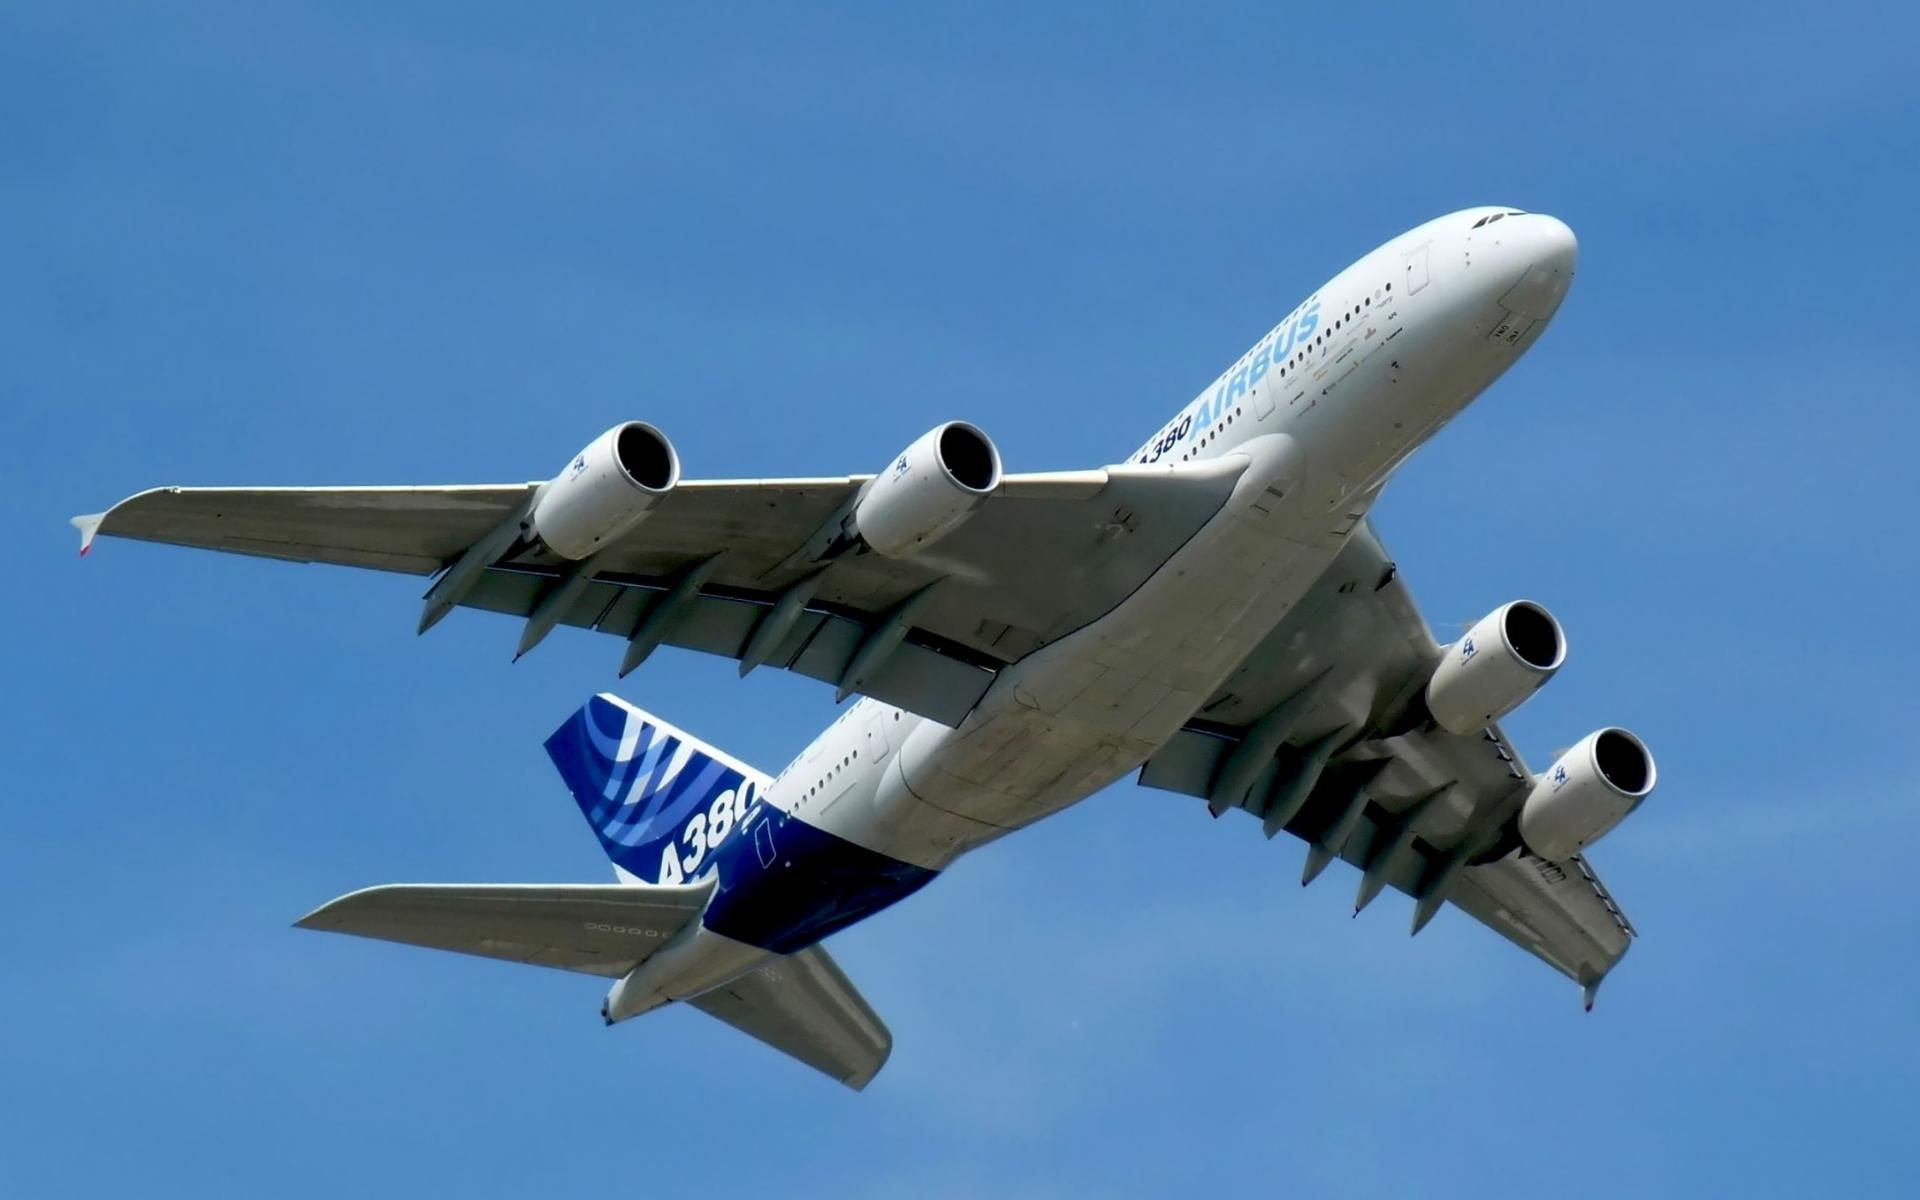 43144 Hintergrundbild herunterladen Flugzeuge, Transport - Bildschirmschoner und Bilder kostenlos